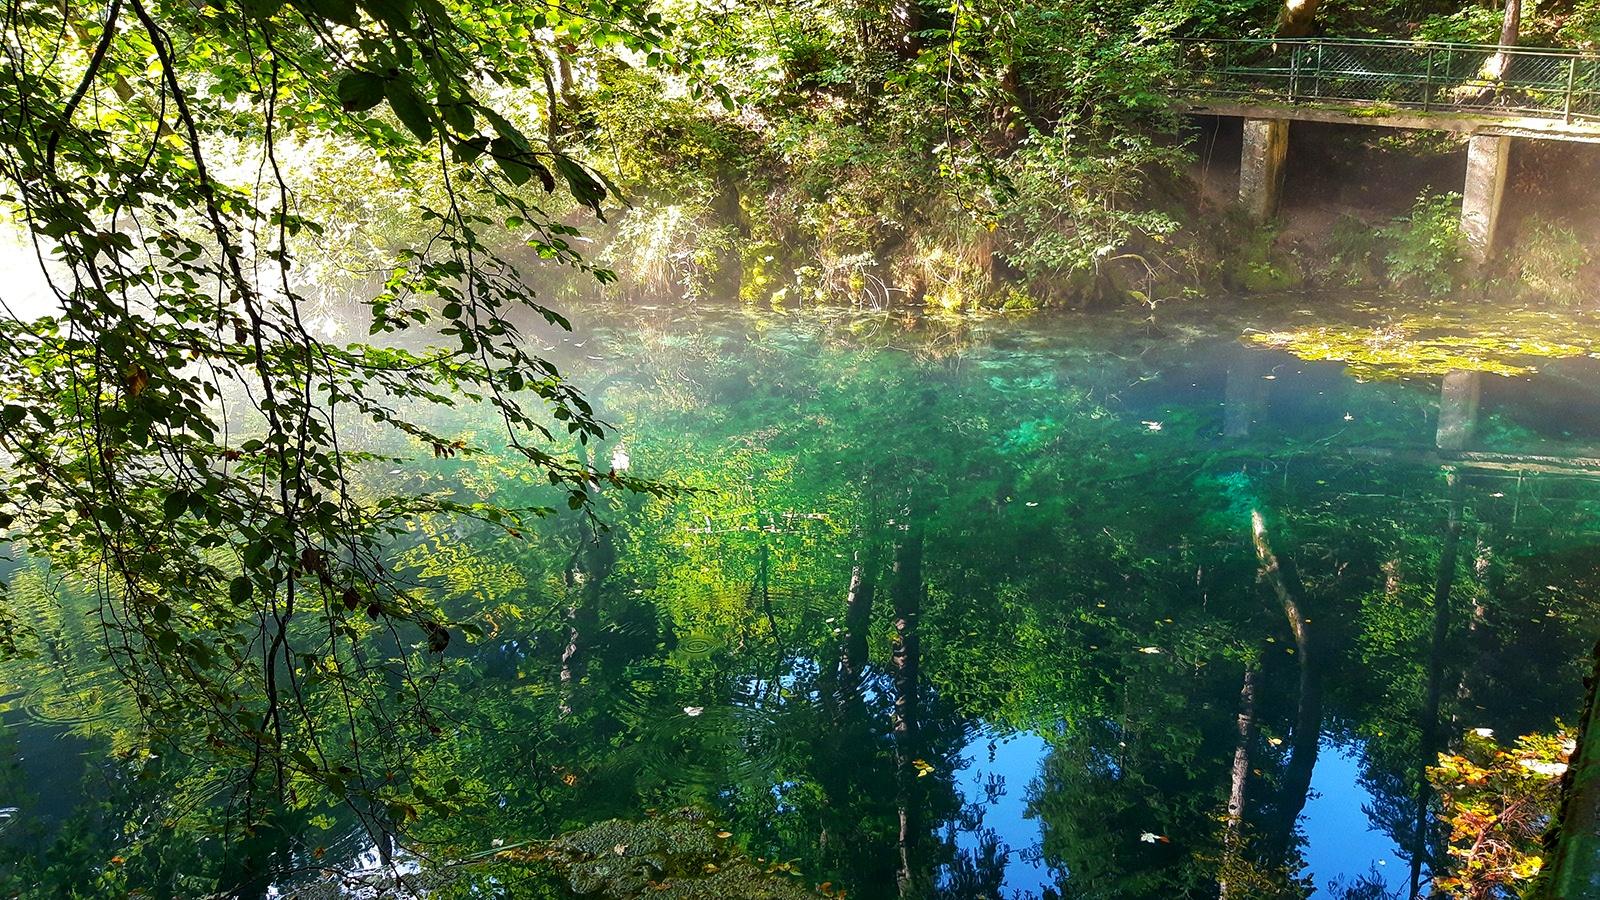 Waldsee in grüntönen leuchtend